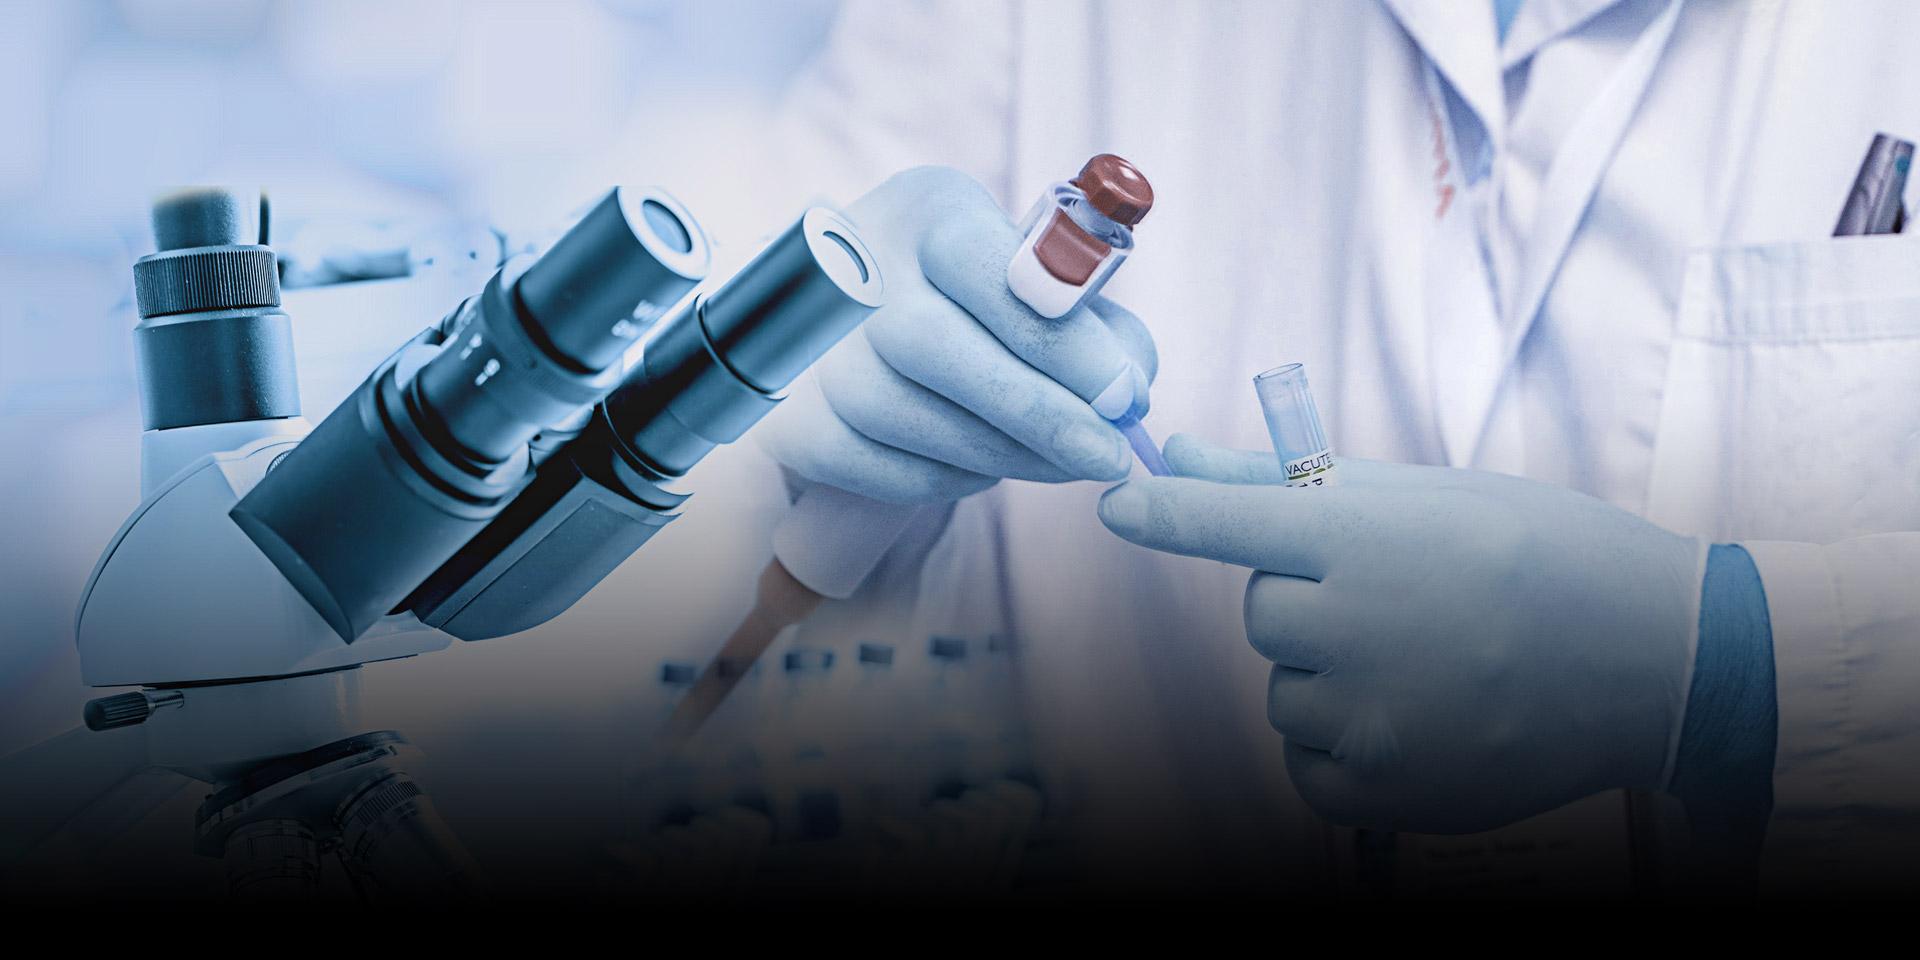 艾睿光电红外热成像仪应用于医疗检疫